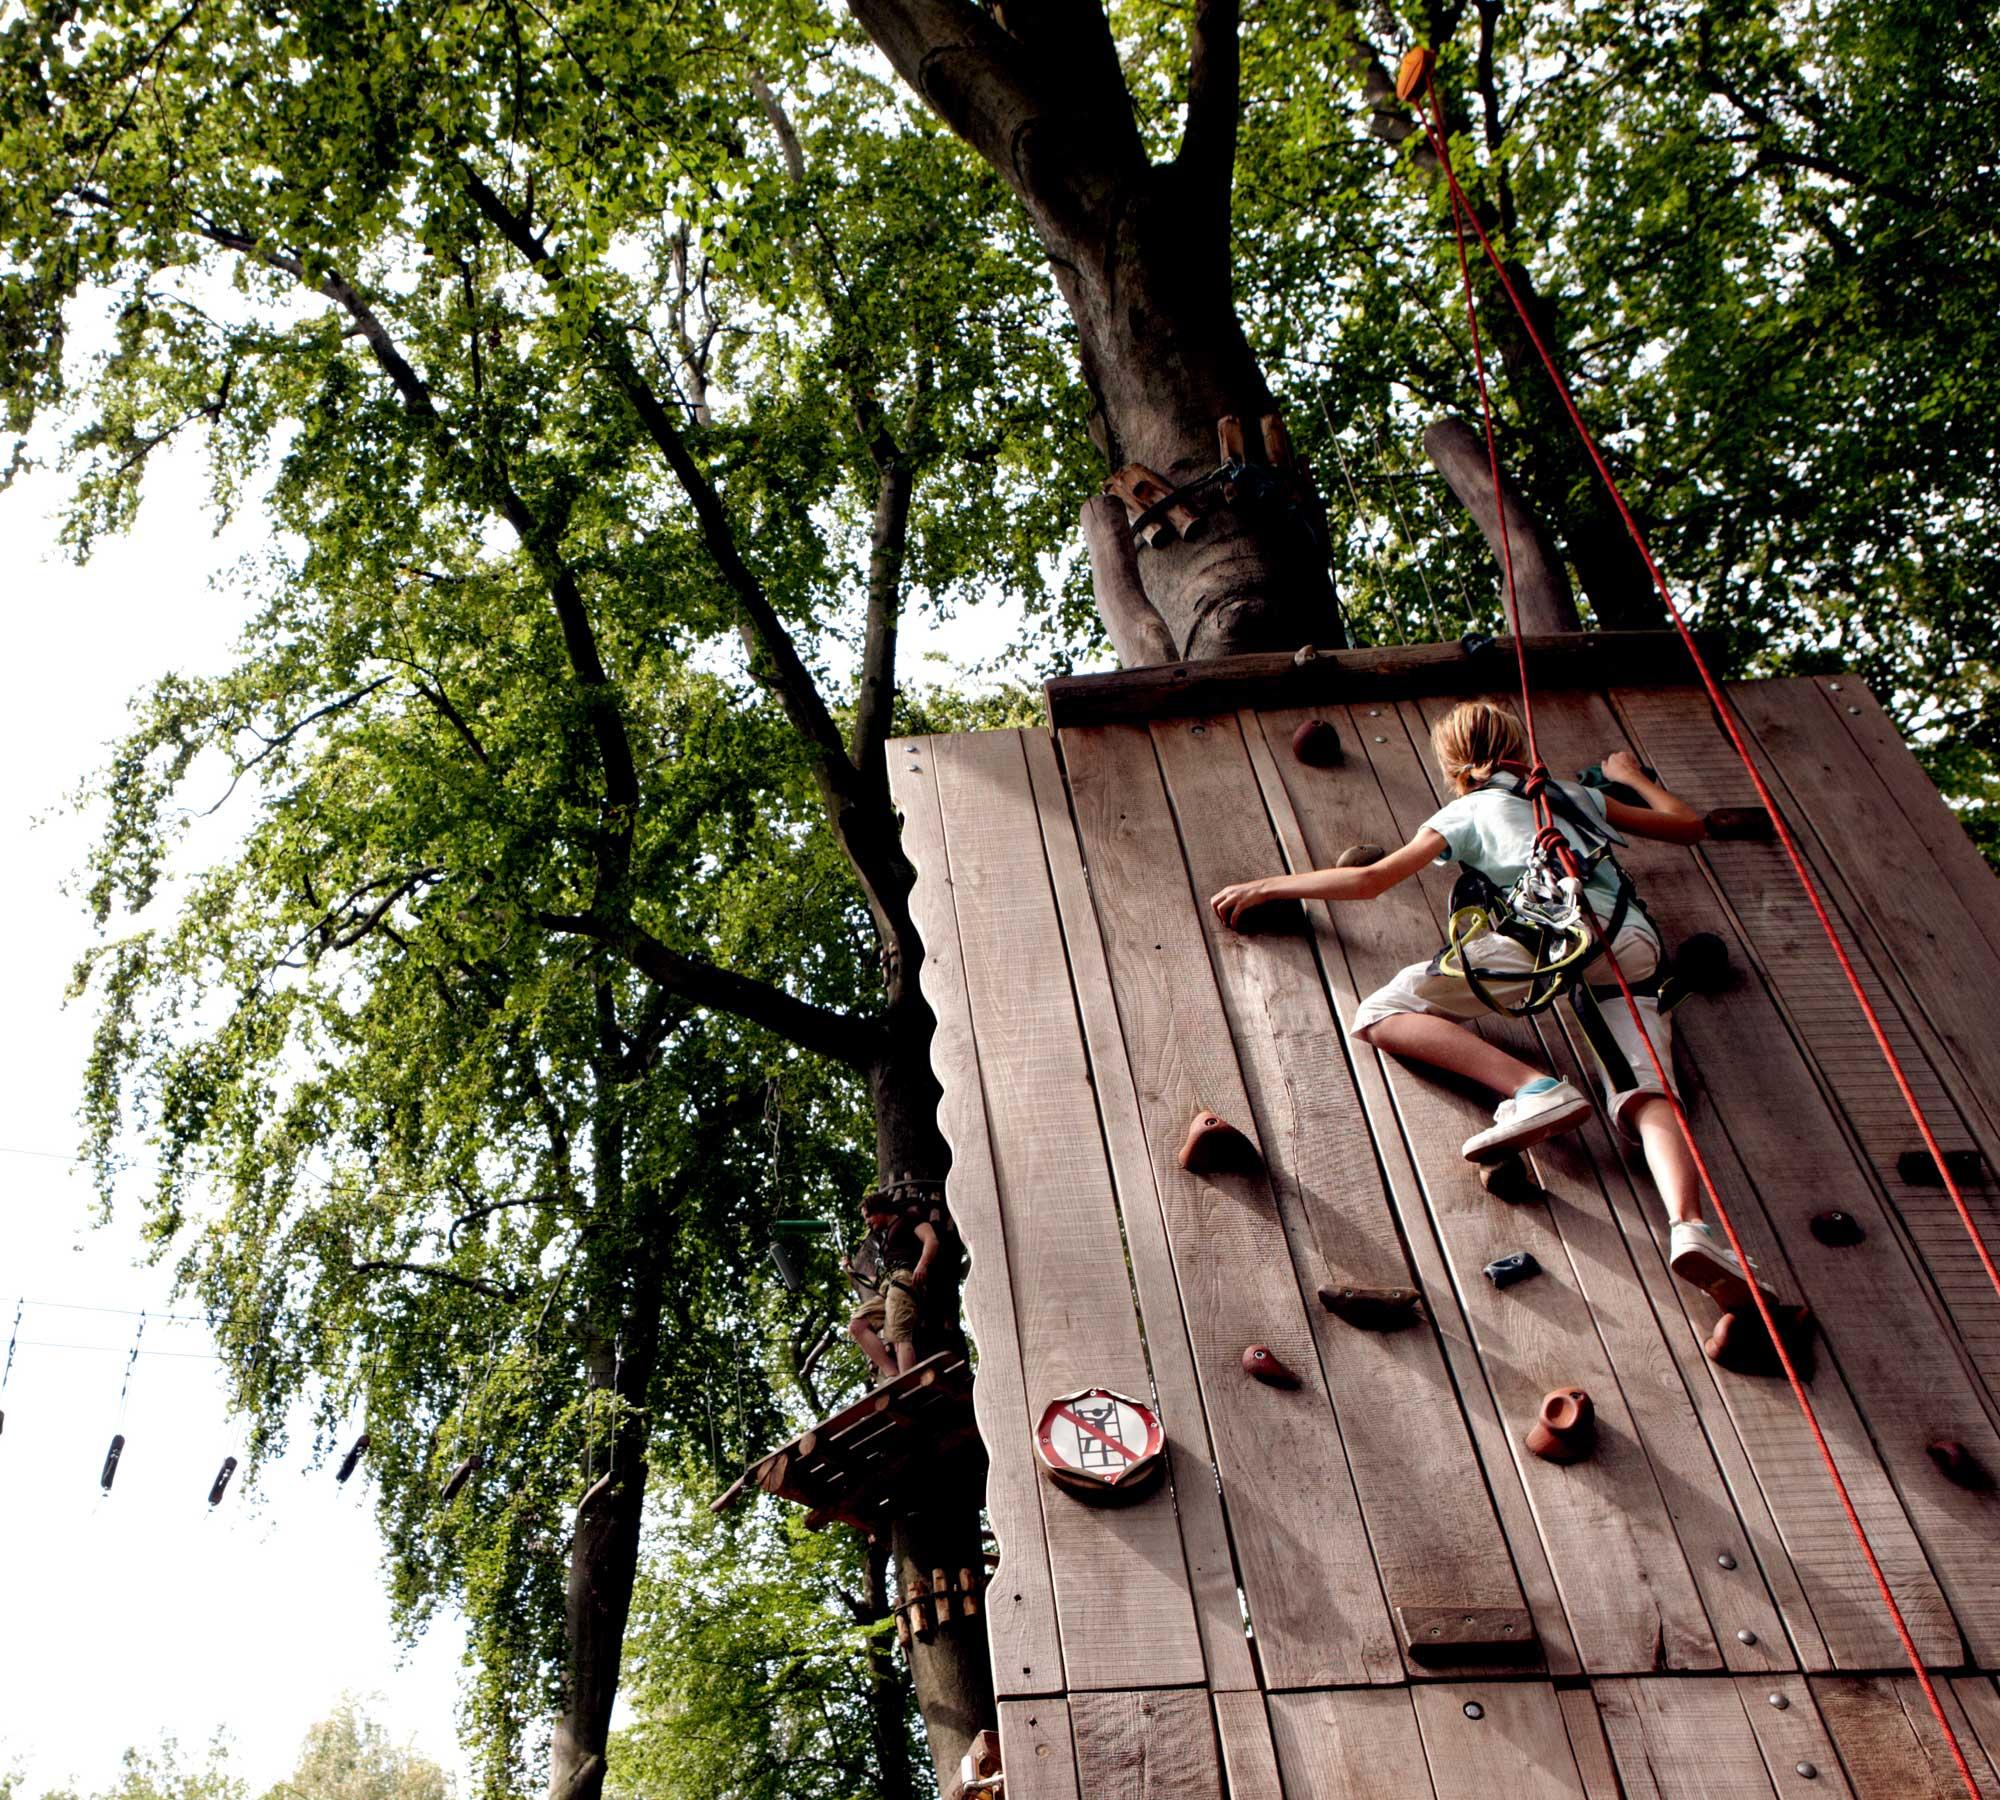 Kindergeburtstag in Berlin feiern: Waldhochseilgarten Jungfernheide